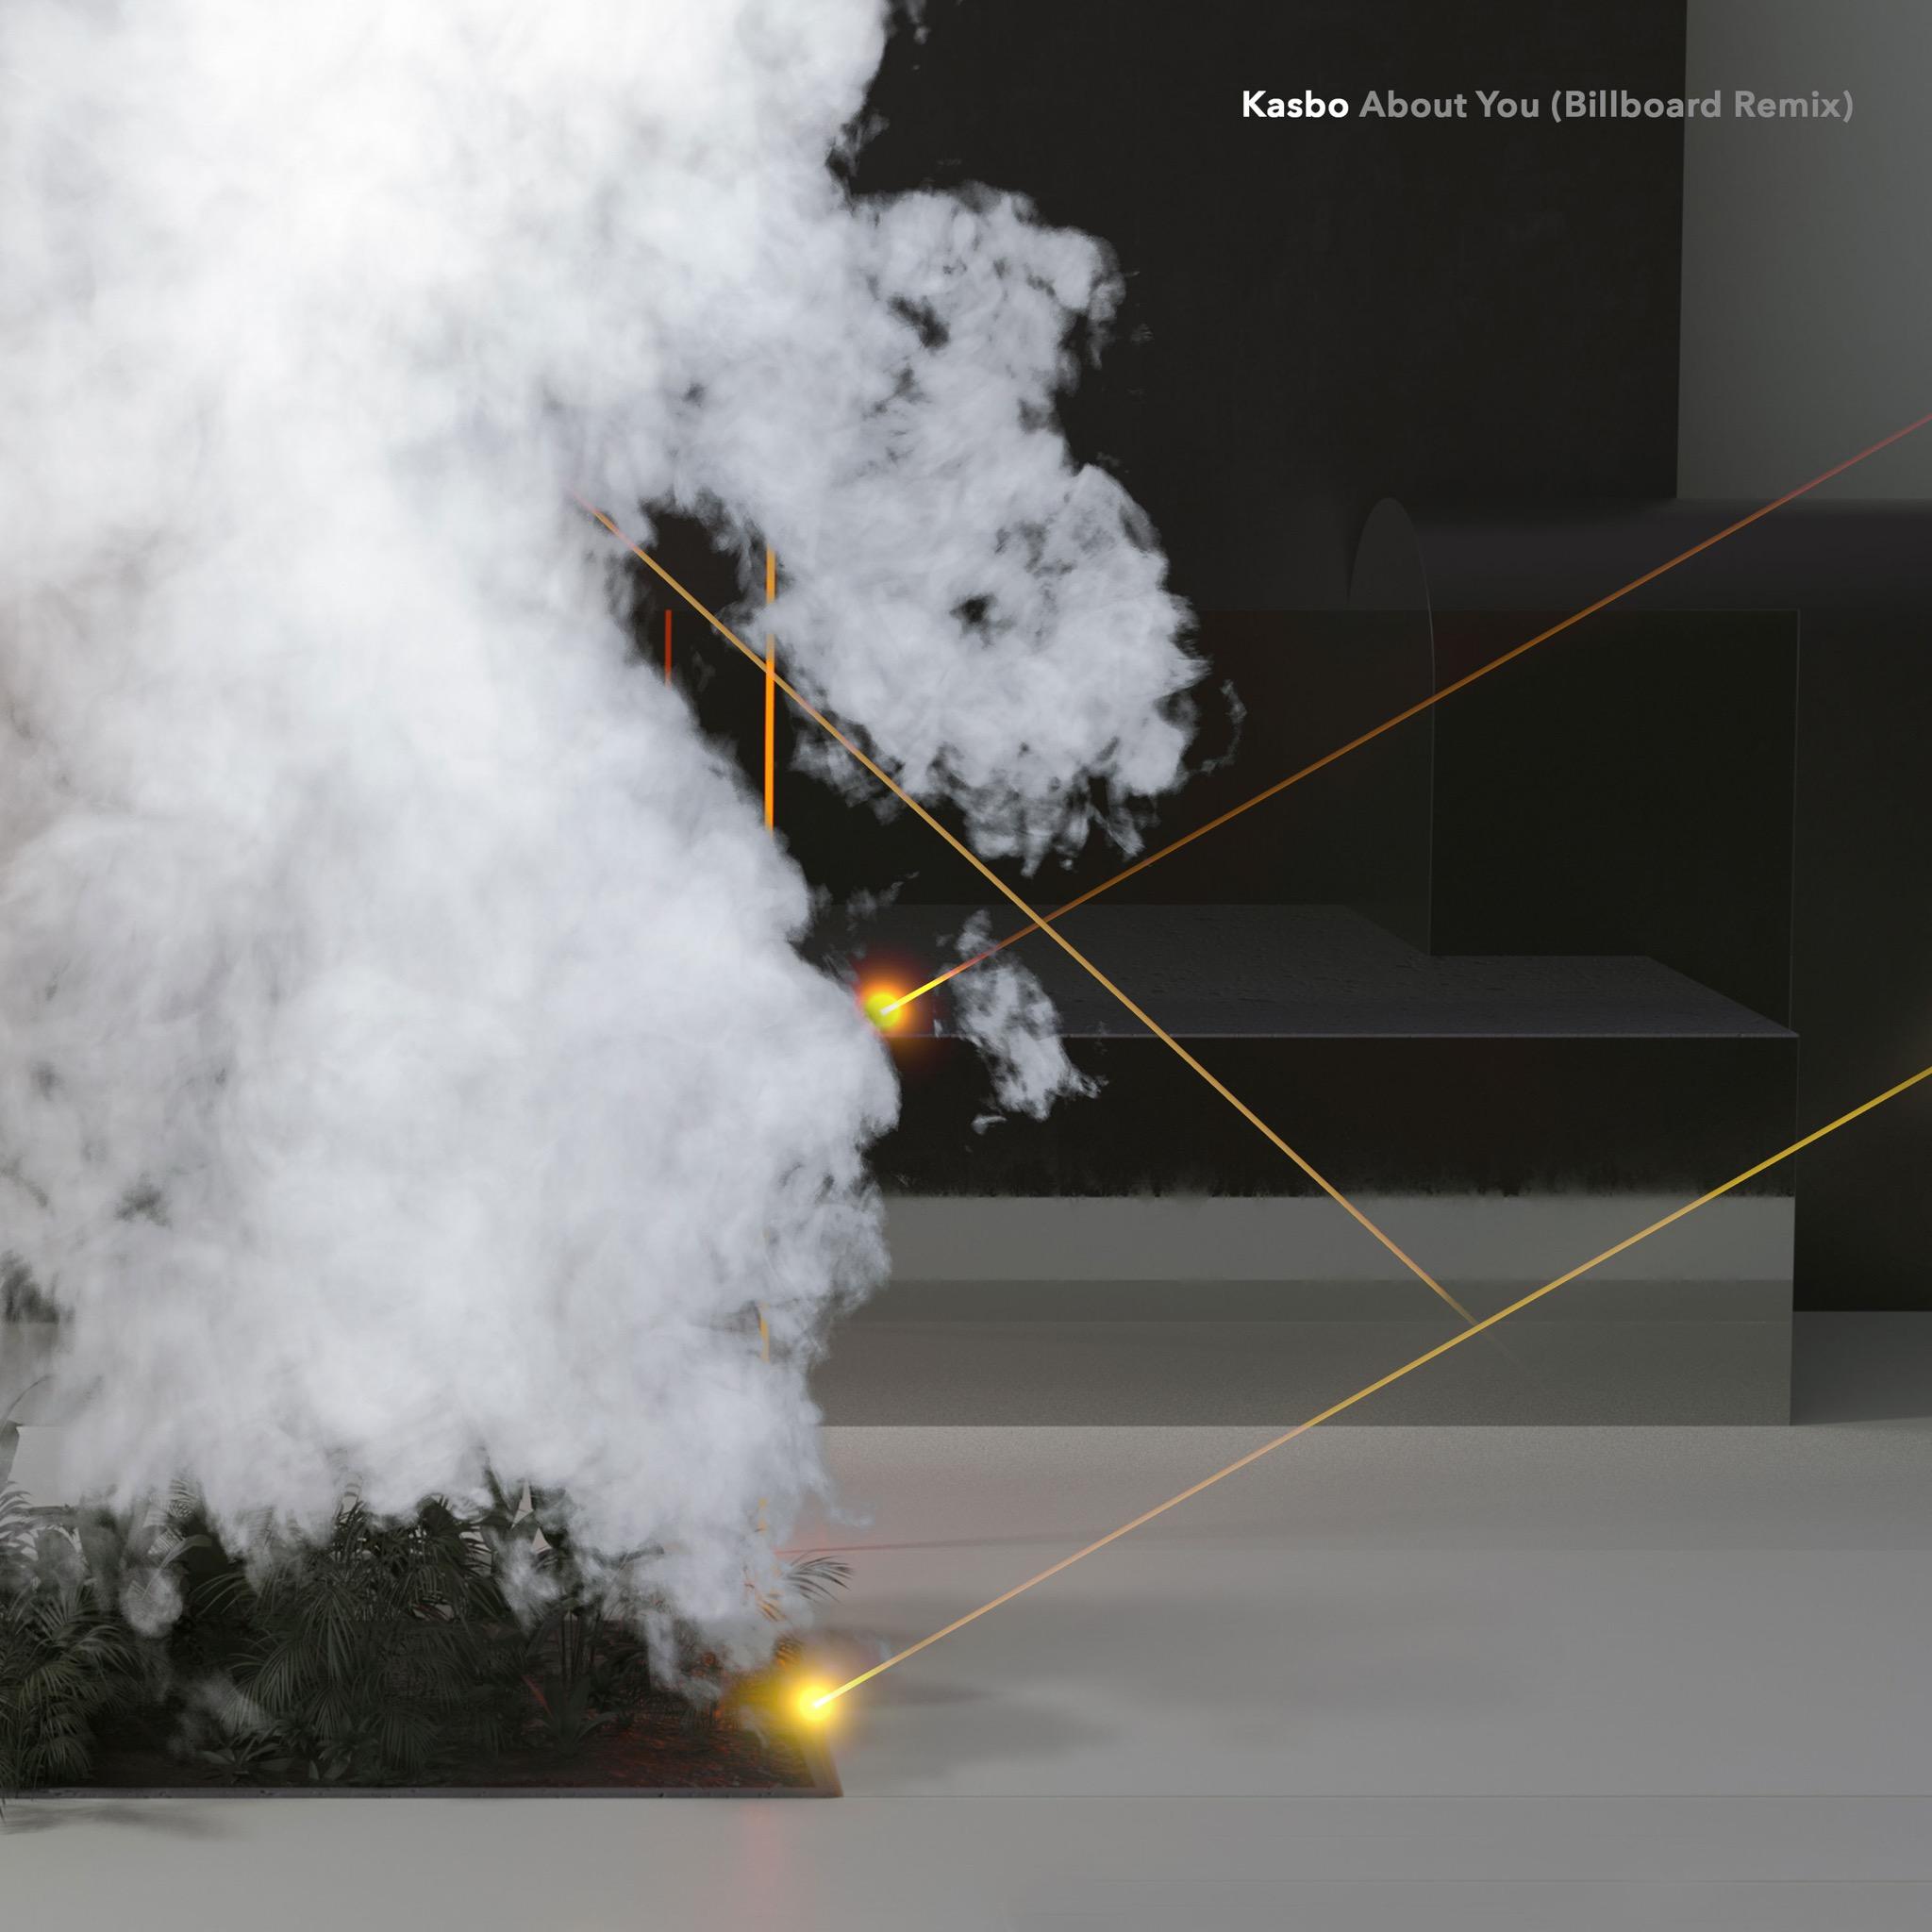 kasbo billboard remix